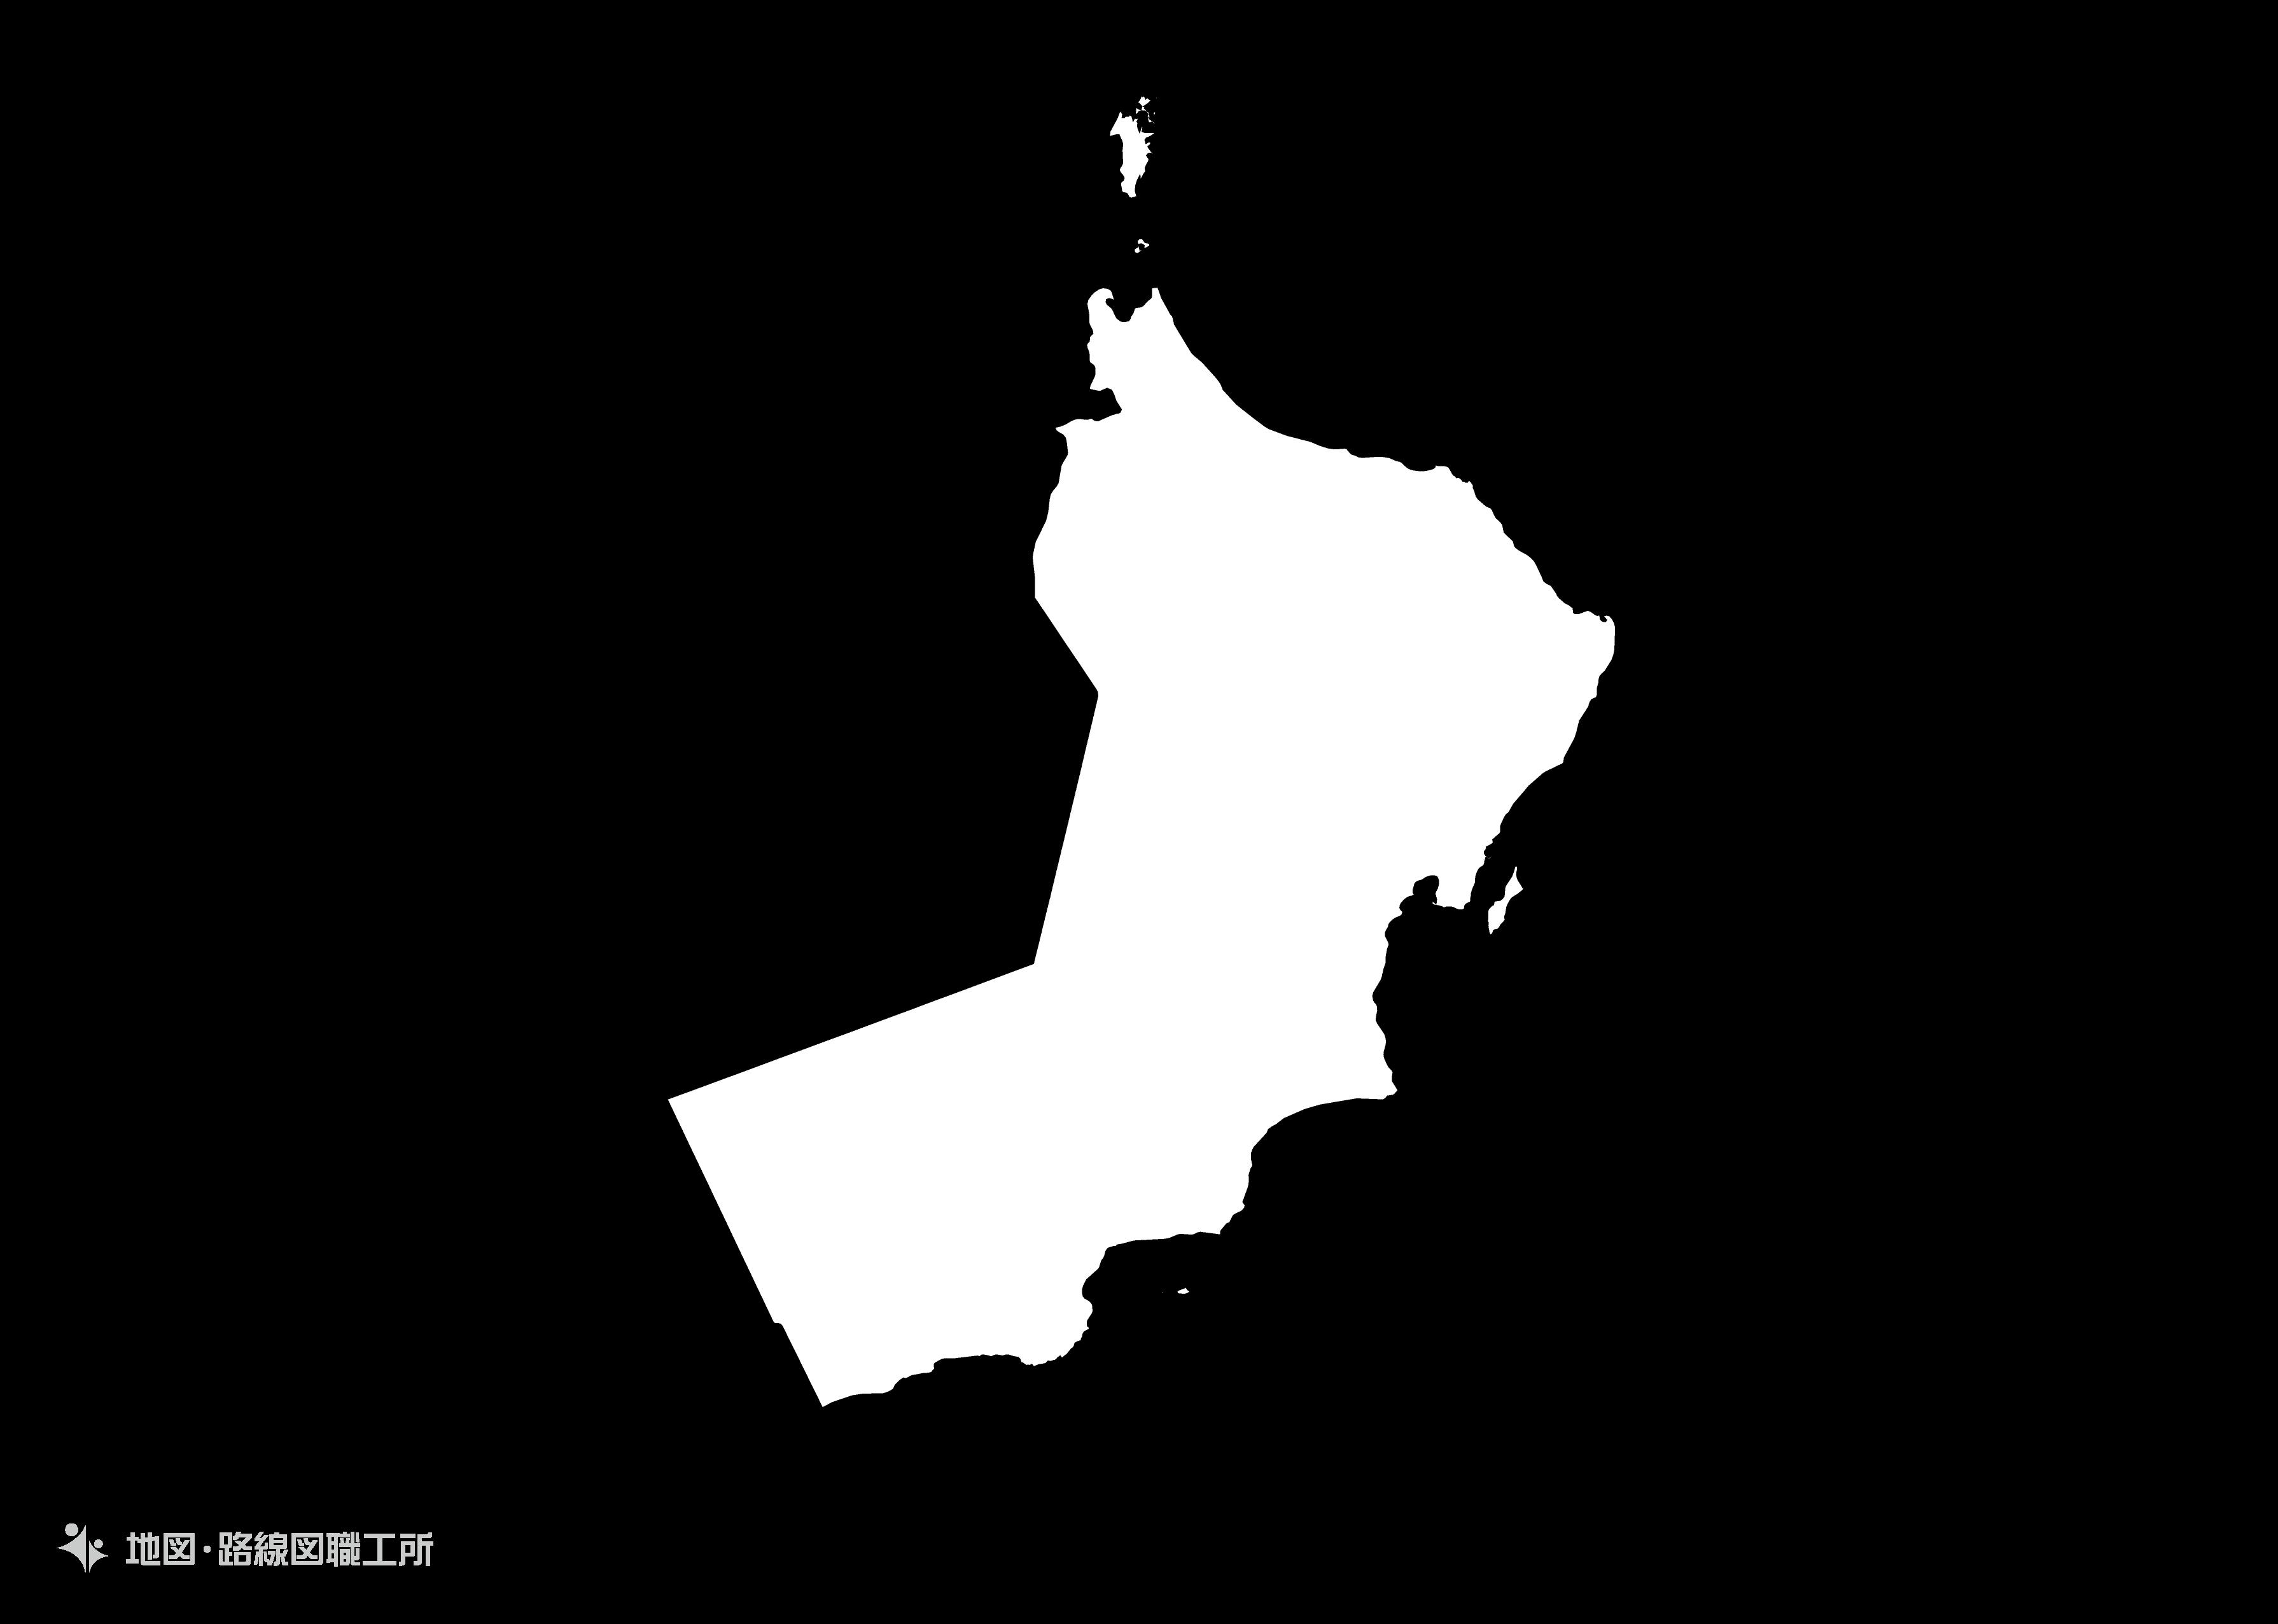 世界の白地図 オマーン国 sultanate-of-oman map